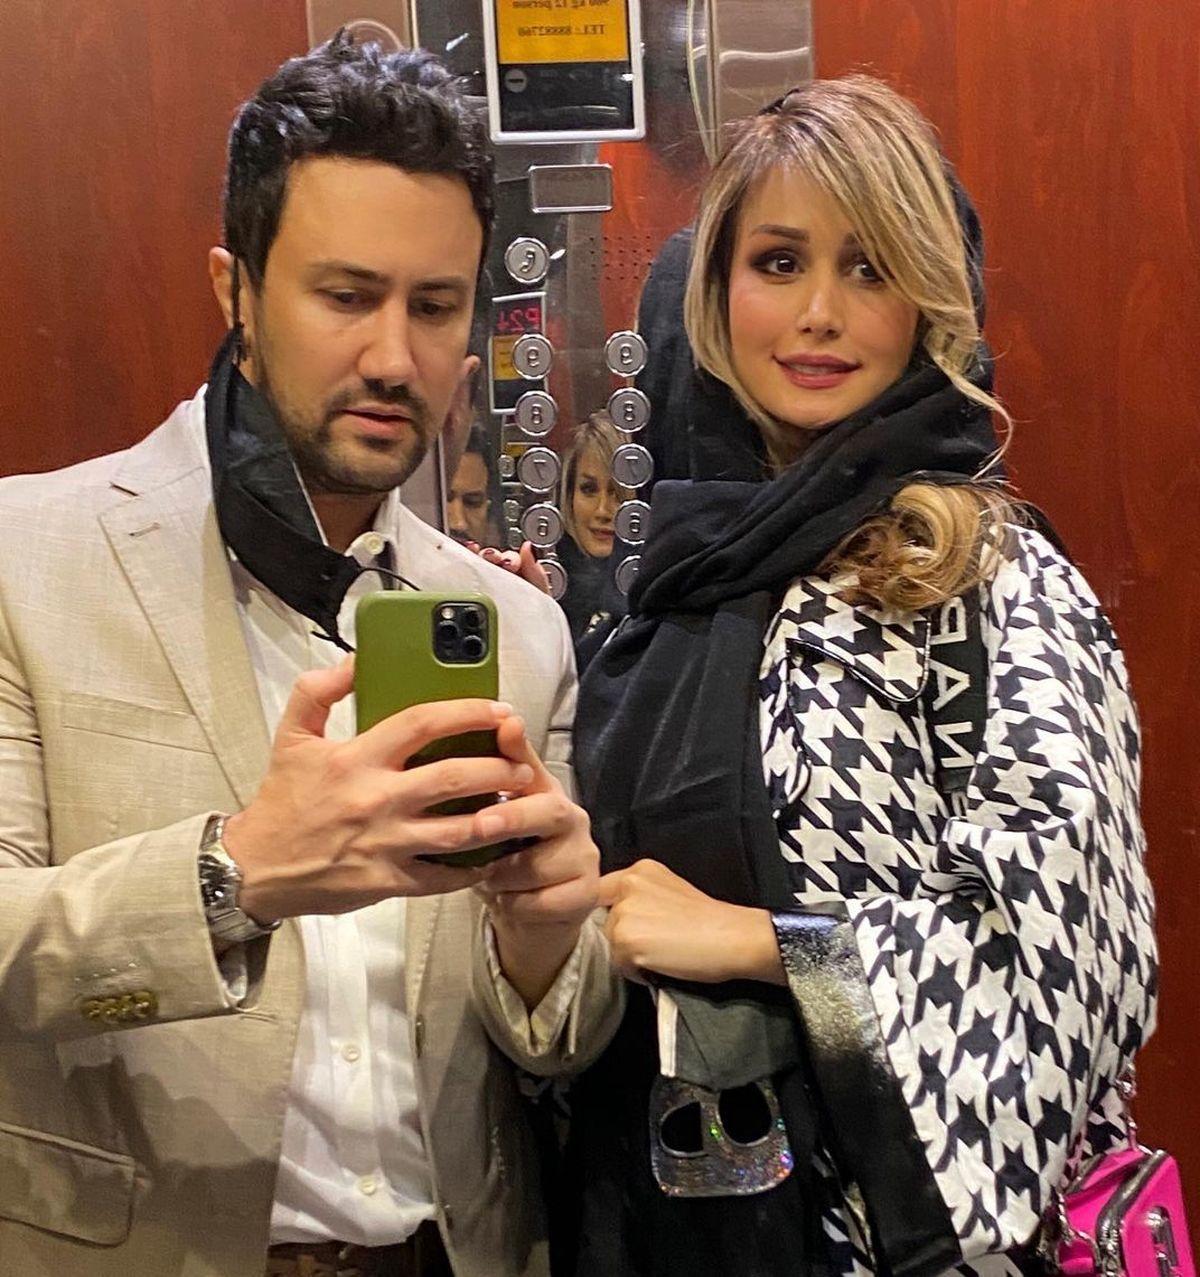 آرایش غلیظ همسر شاهرخ استخری جنجالی شد + عکس